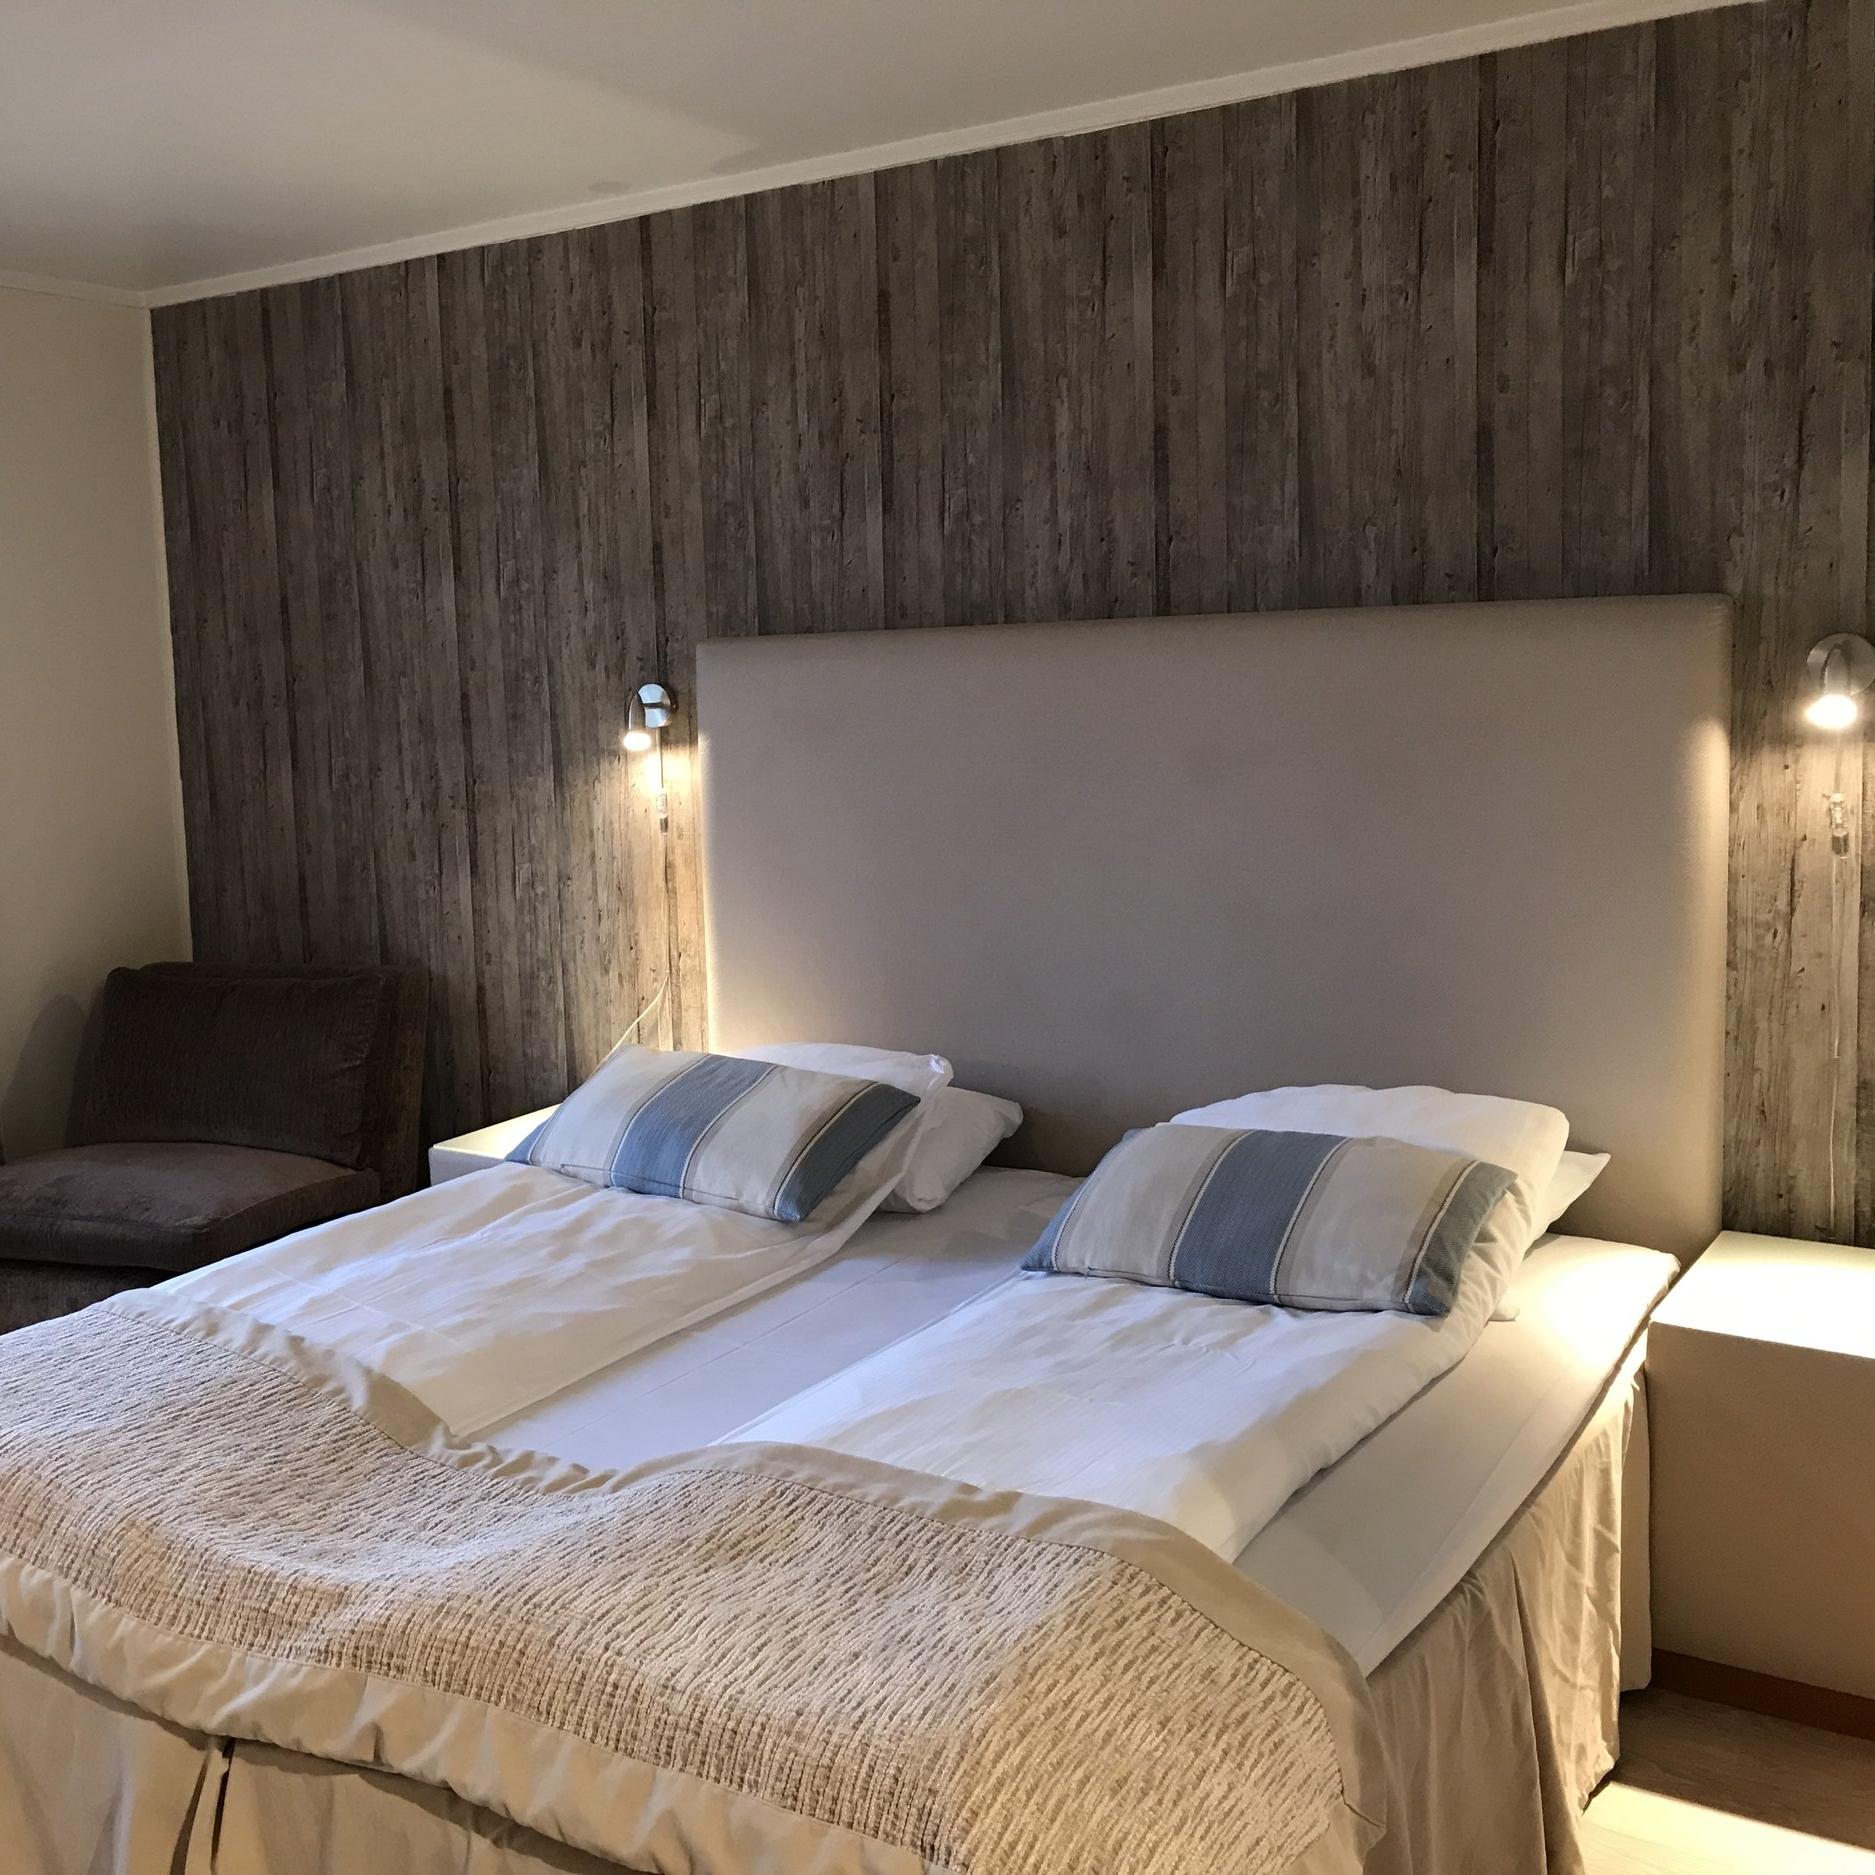 Overnatting - Hos oss kan dere overnatte i koselige rom i fjellstua eller på hytte på tunet. For selskap og bryllup har vi sengeplasser til 150 gjester i tradisjonsrike omgivelser.